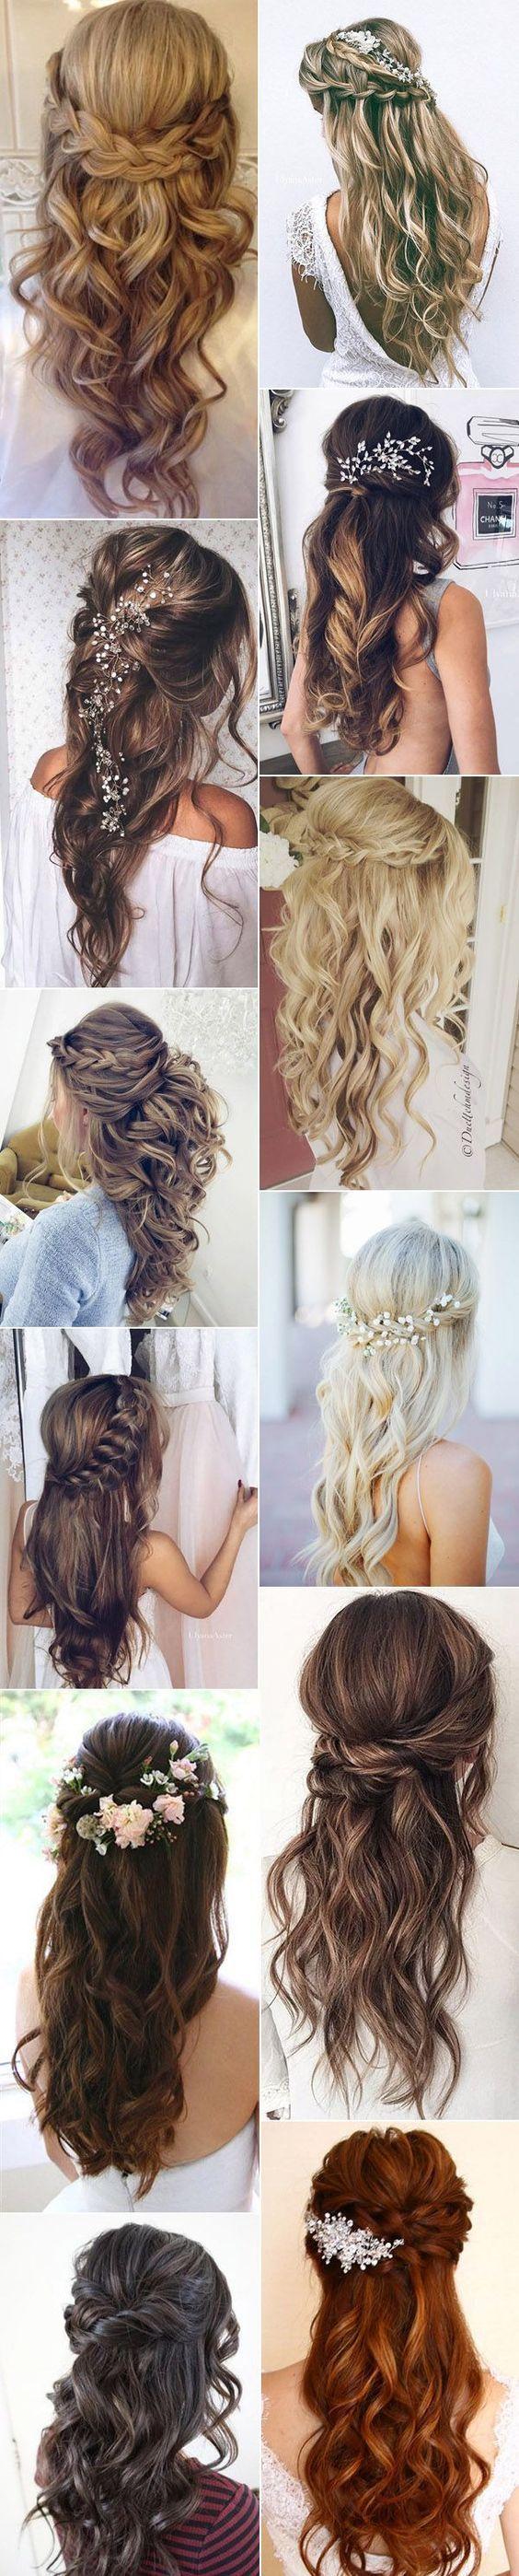 Amazing 12 Half Up Half Down Wedding Hairstyles Find The Perfect Do For You At Www Pinterest Co Hochzeitsfrisuren Hochzeitsfrisuren Lange Haare Frisur Hochzeit